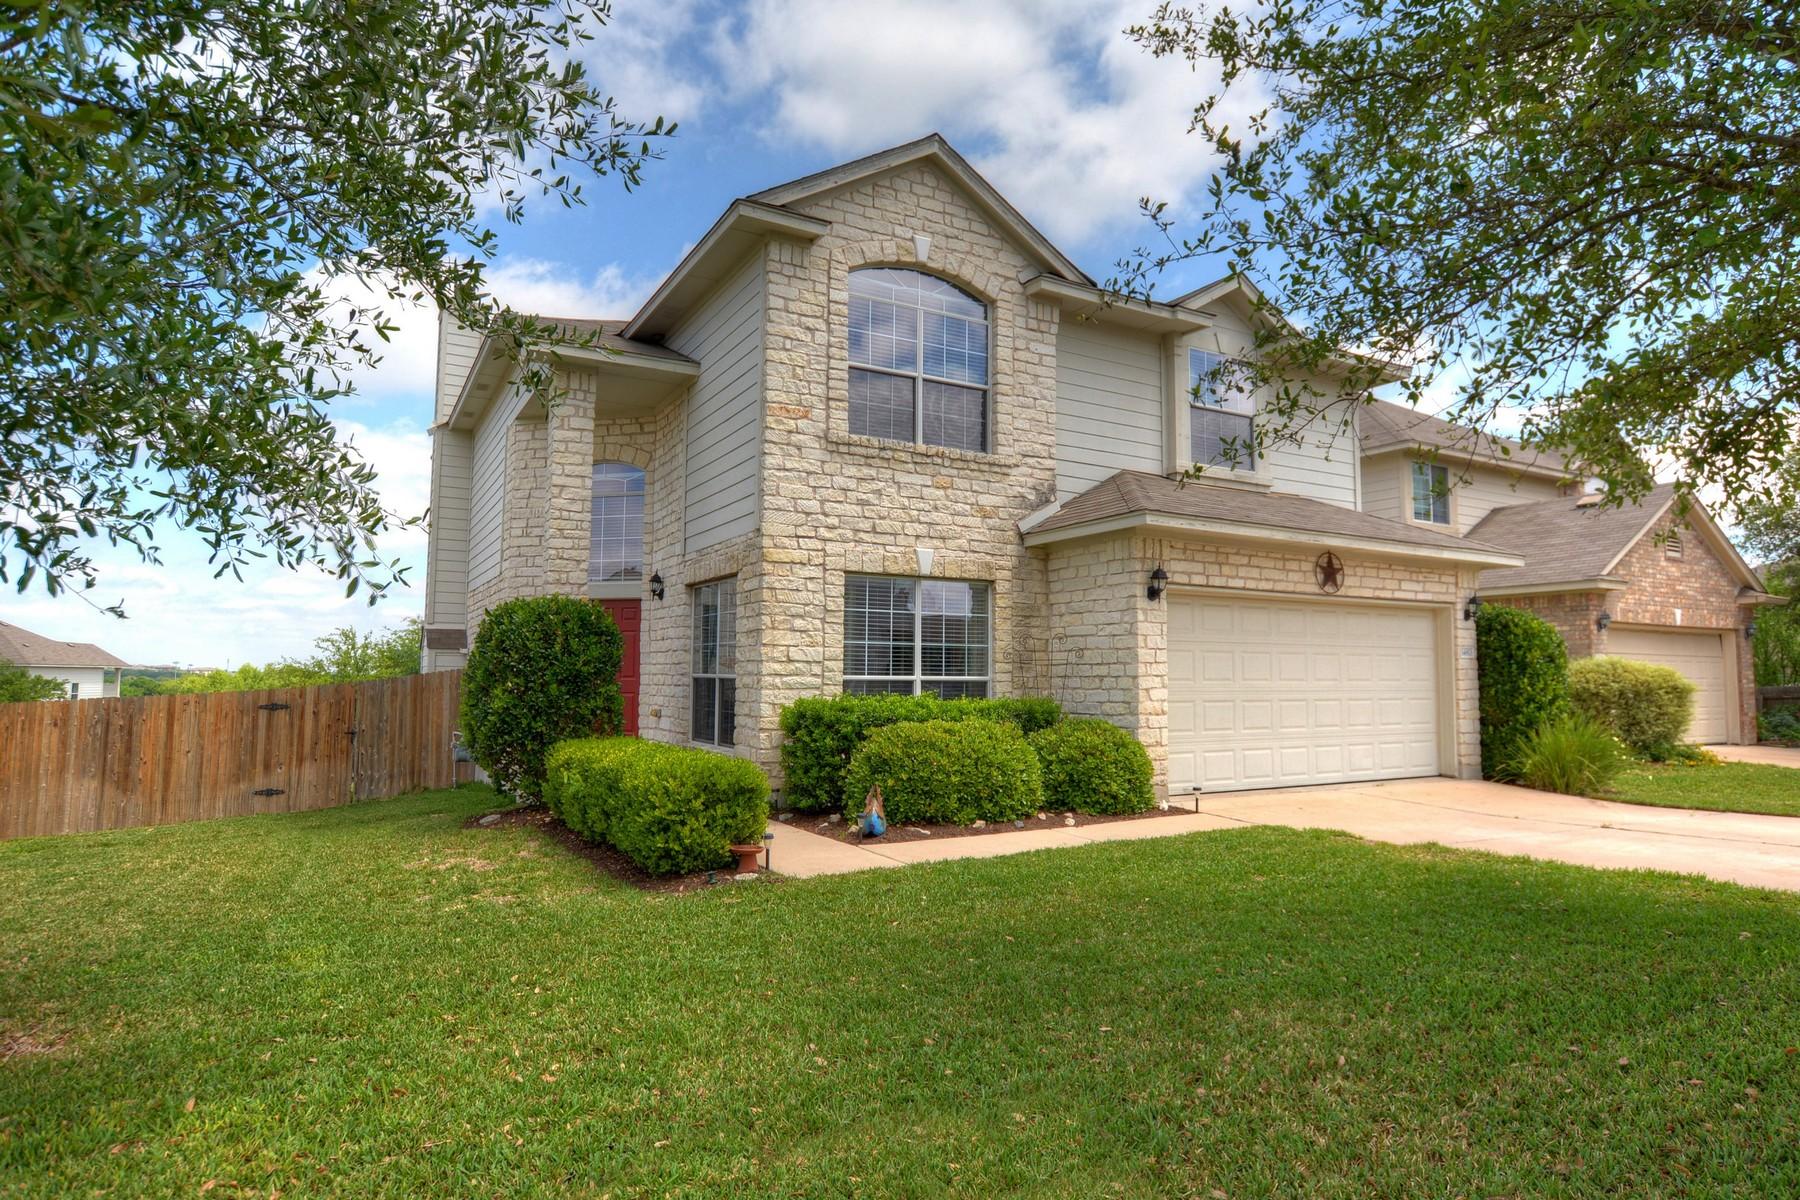 Casa Unifamiliar por un Venta en Great Location in Avery Ranch 14813 La Llorona Ln Austin, Texas 78717 Estados Unidos